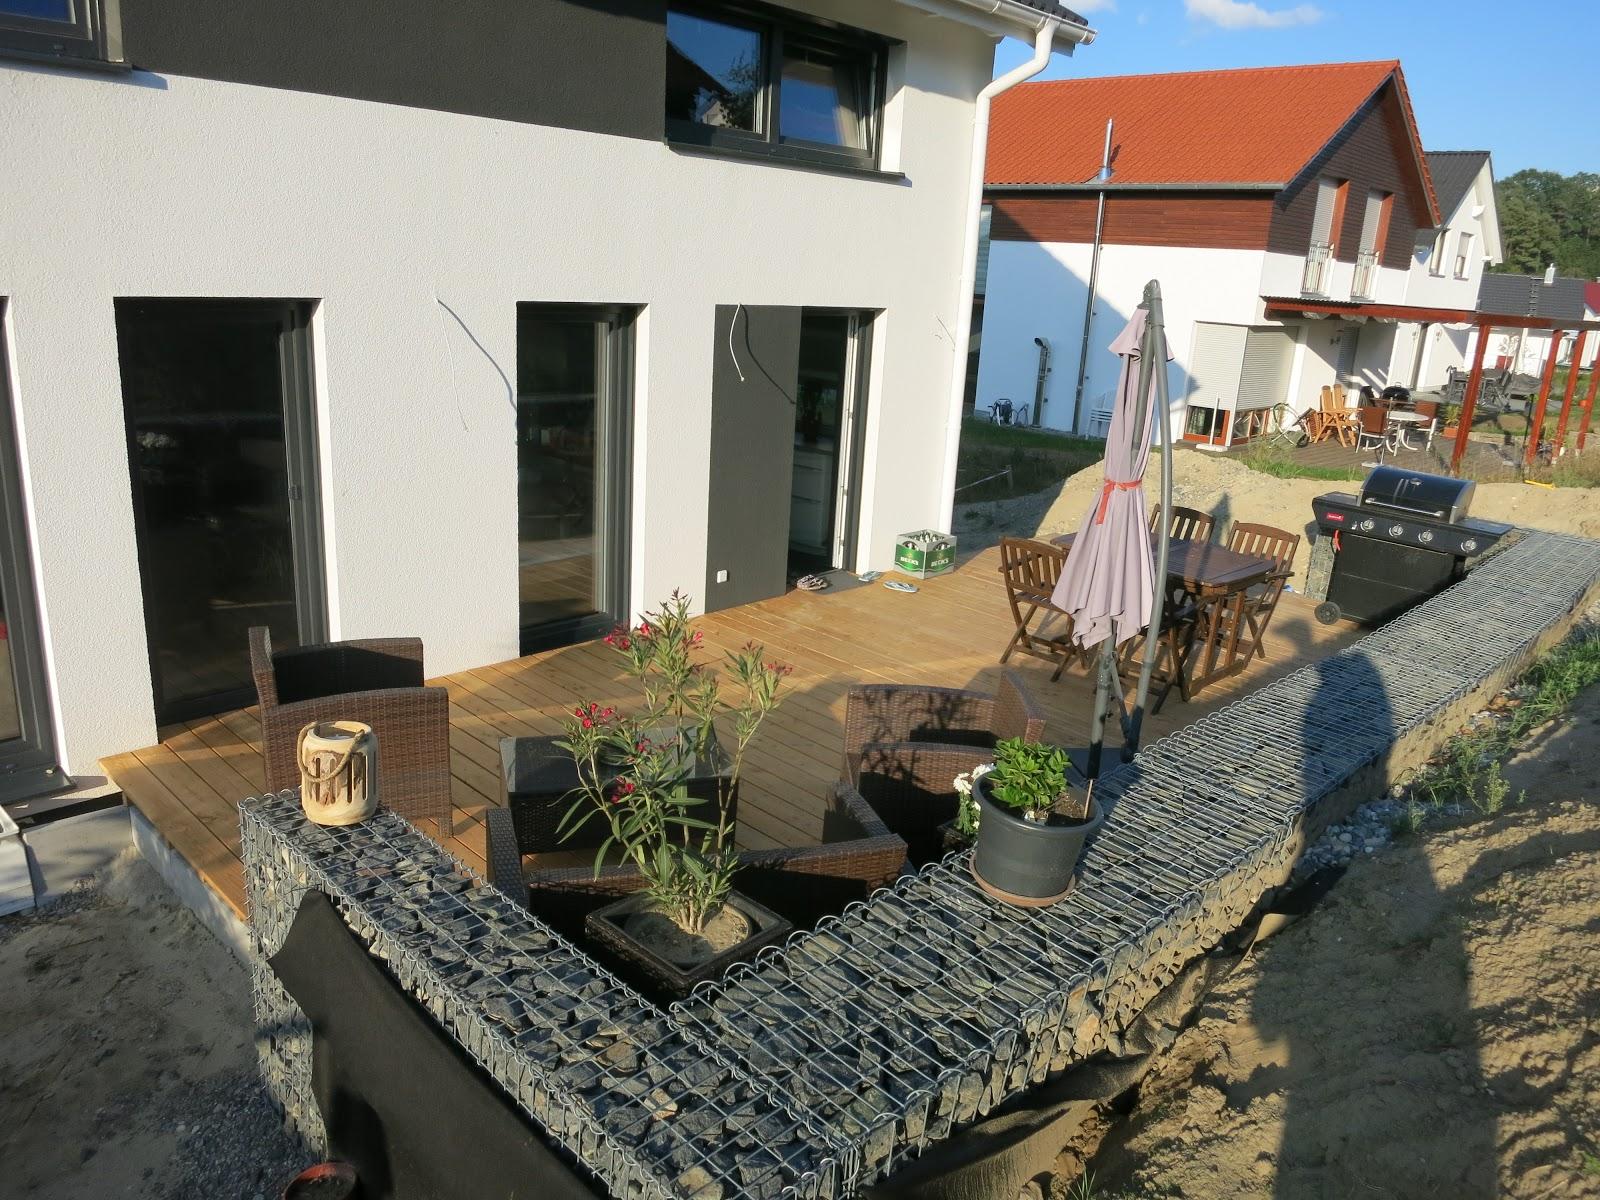 preiswert bauen in teurer gegend eine terrasse ensteht na klar ist wieder alles spezial. Black Bedroom Furniture Sets. Home Design Ideas